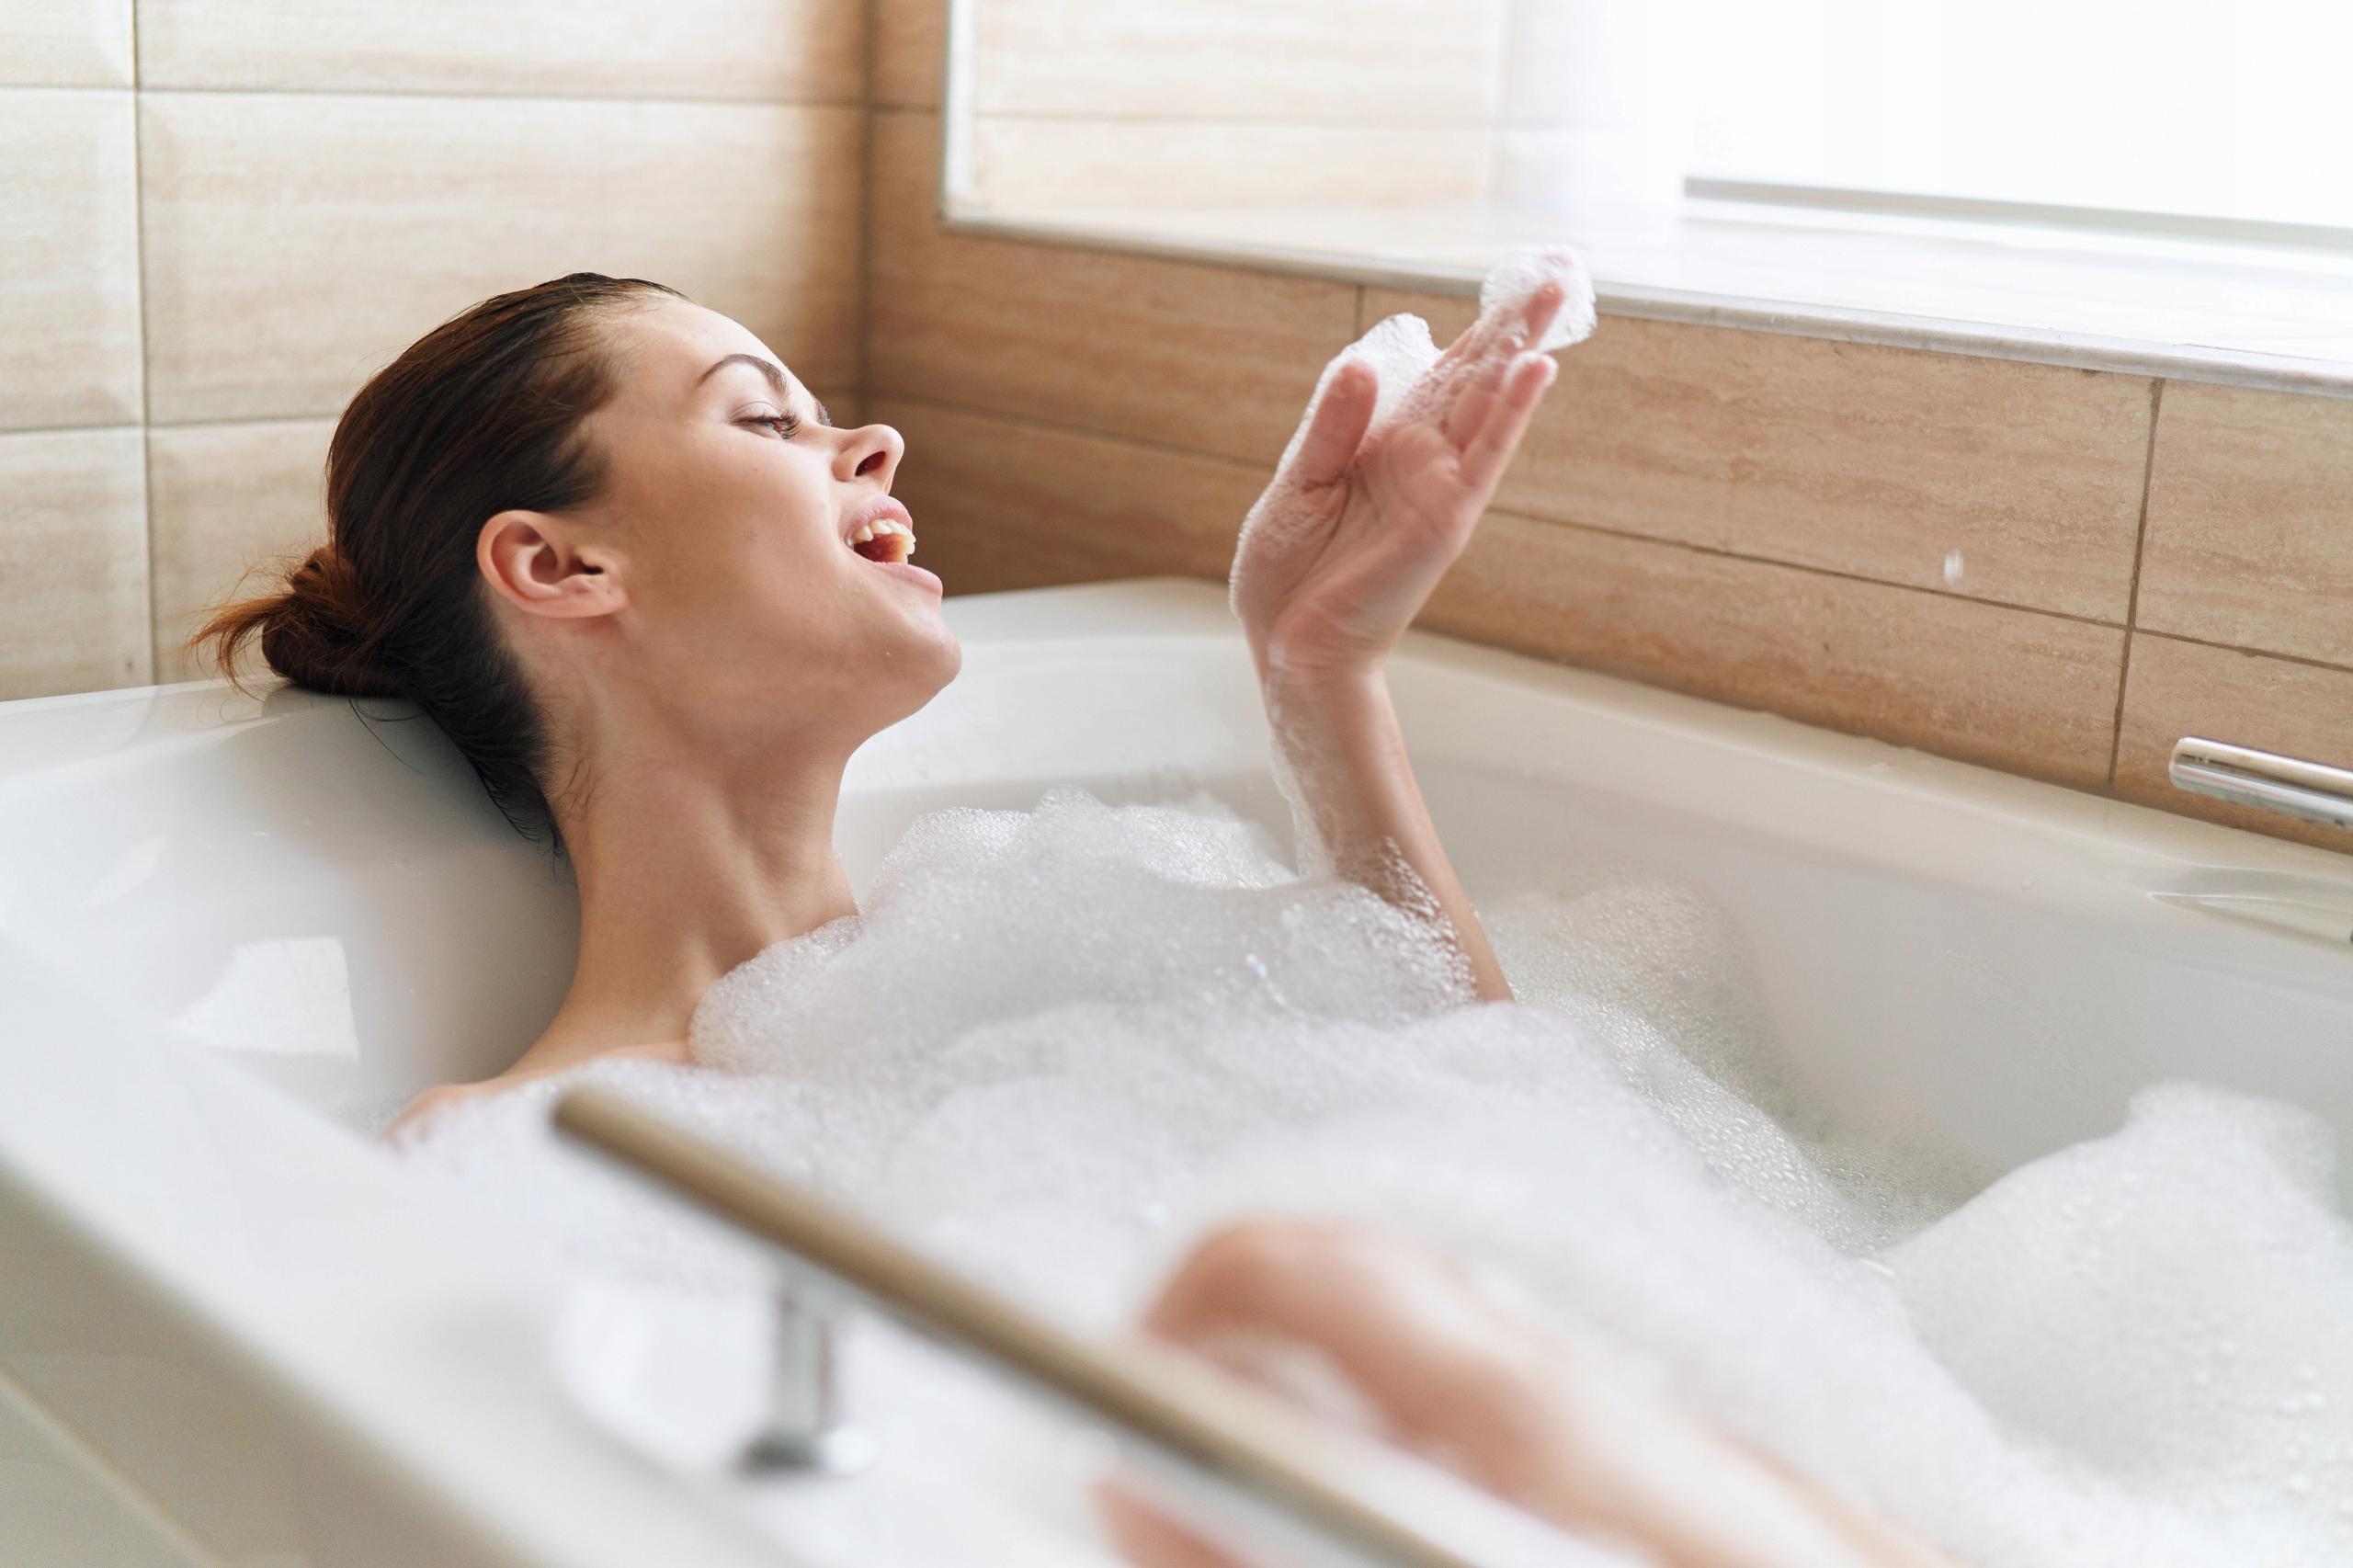 Выбираете ванну? Наш вам совет